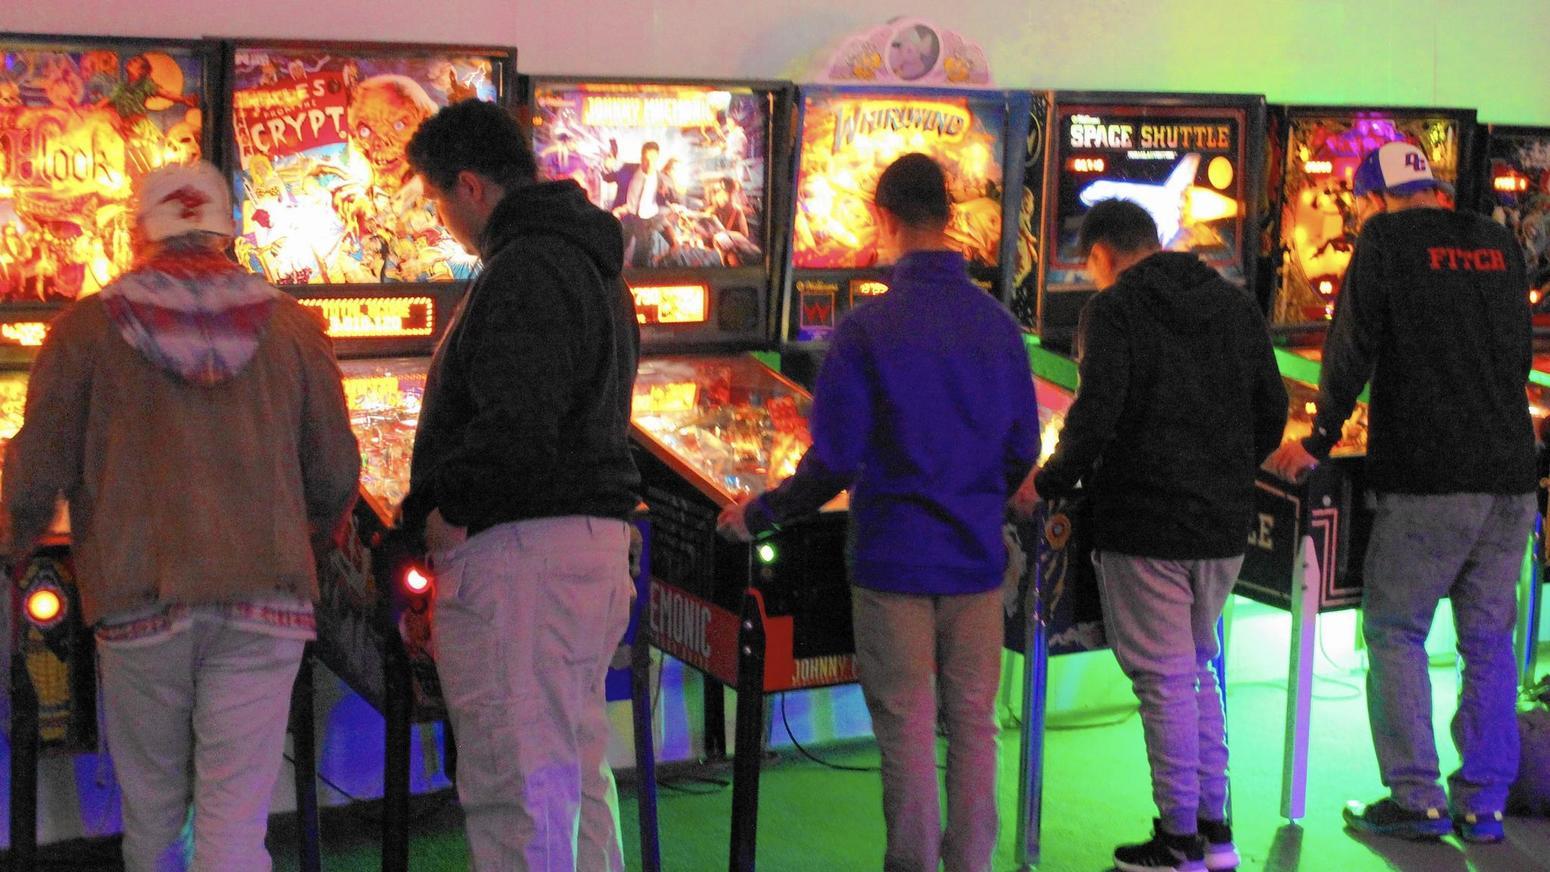 Vintage arcades